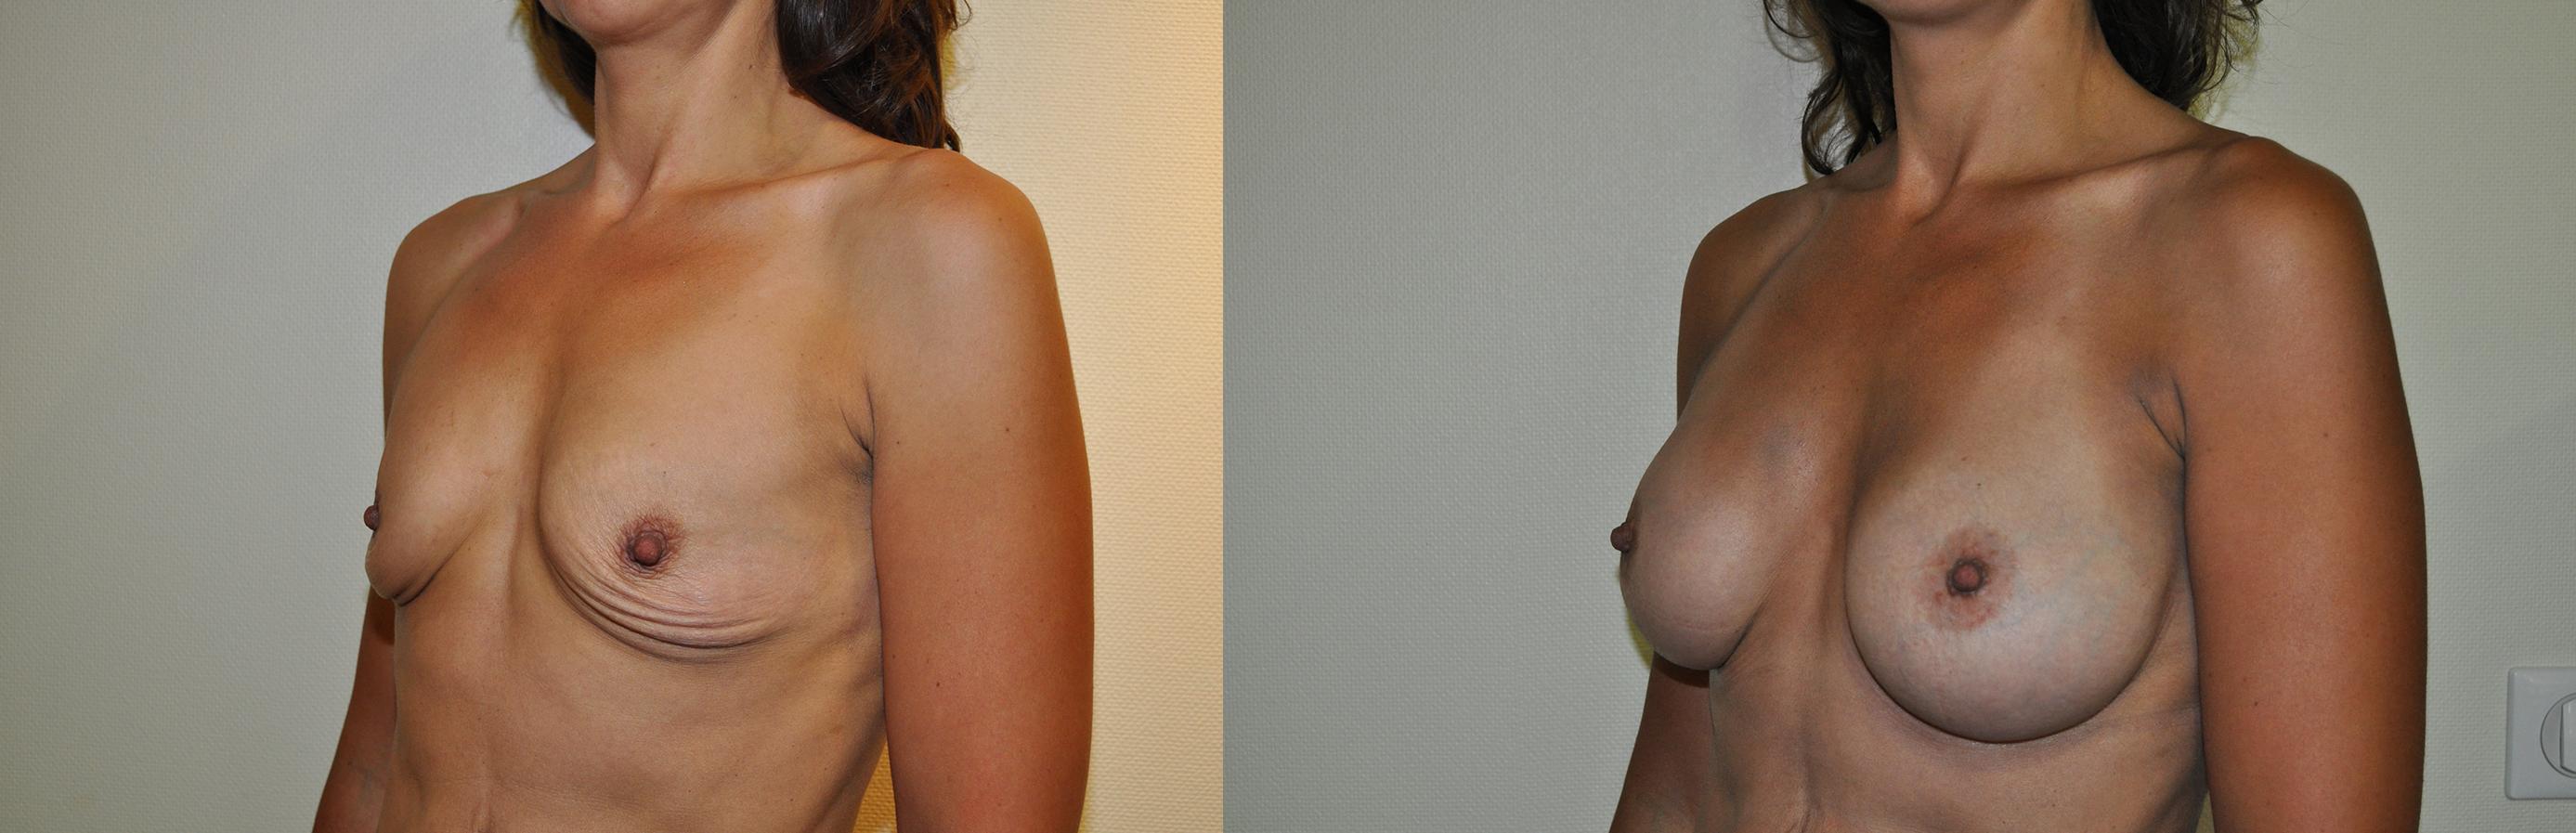 augmentation mammaire dual plane avant après